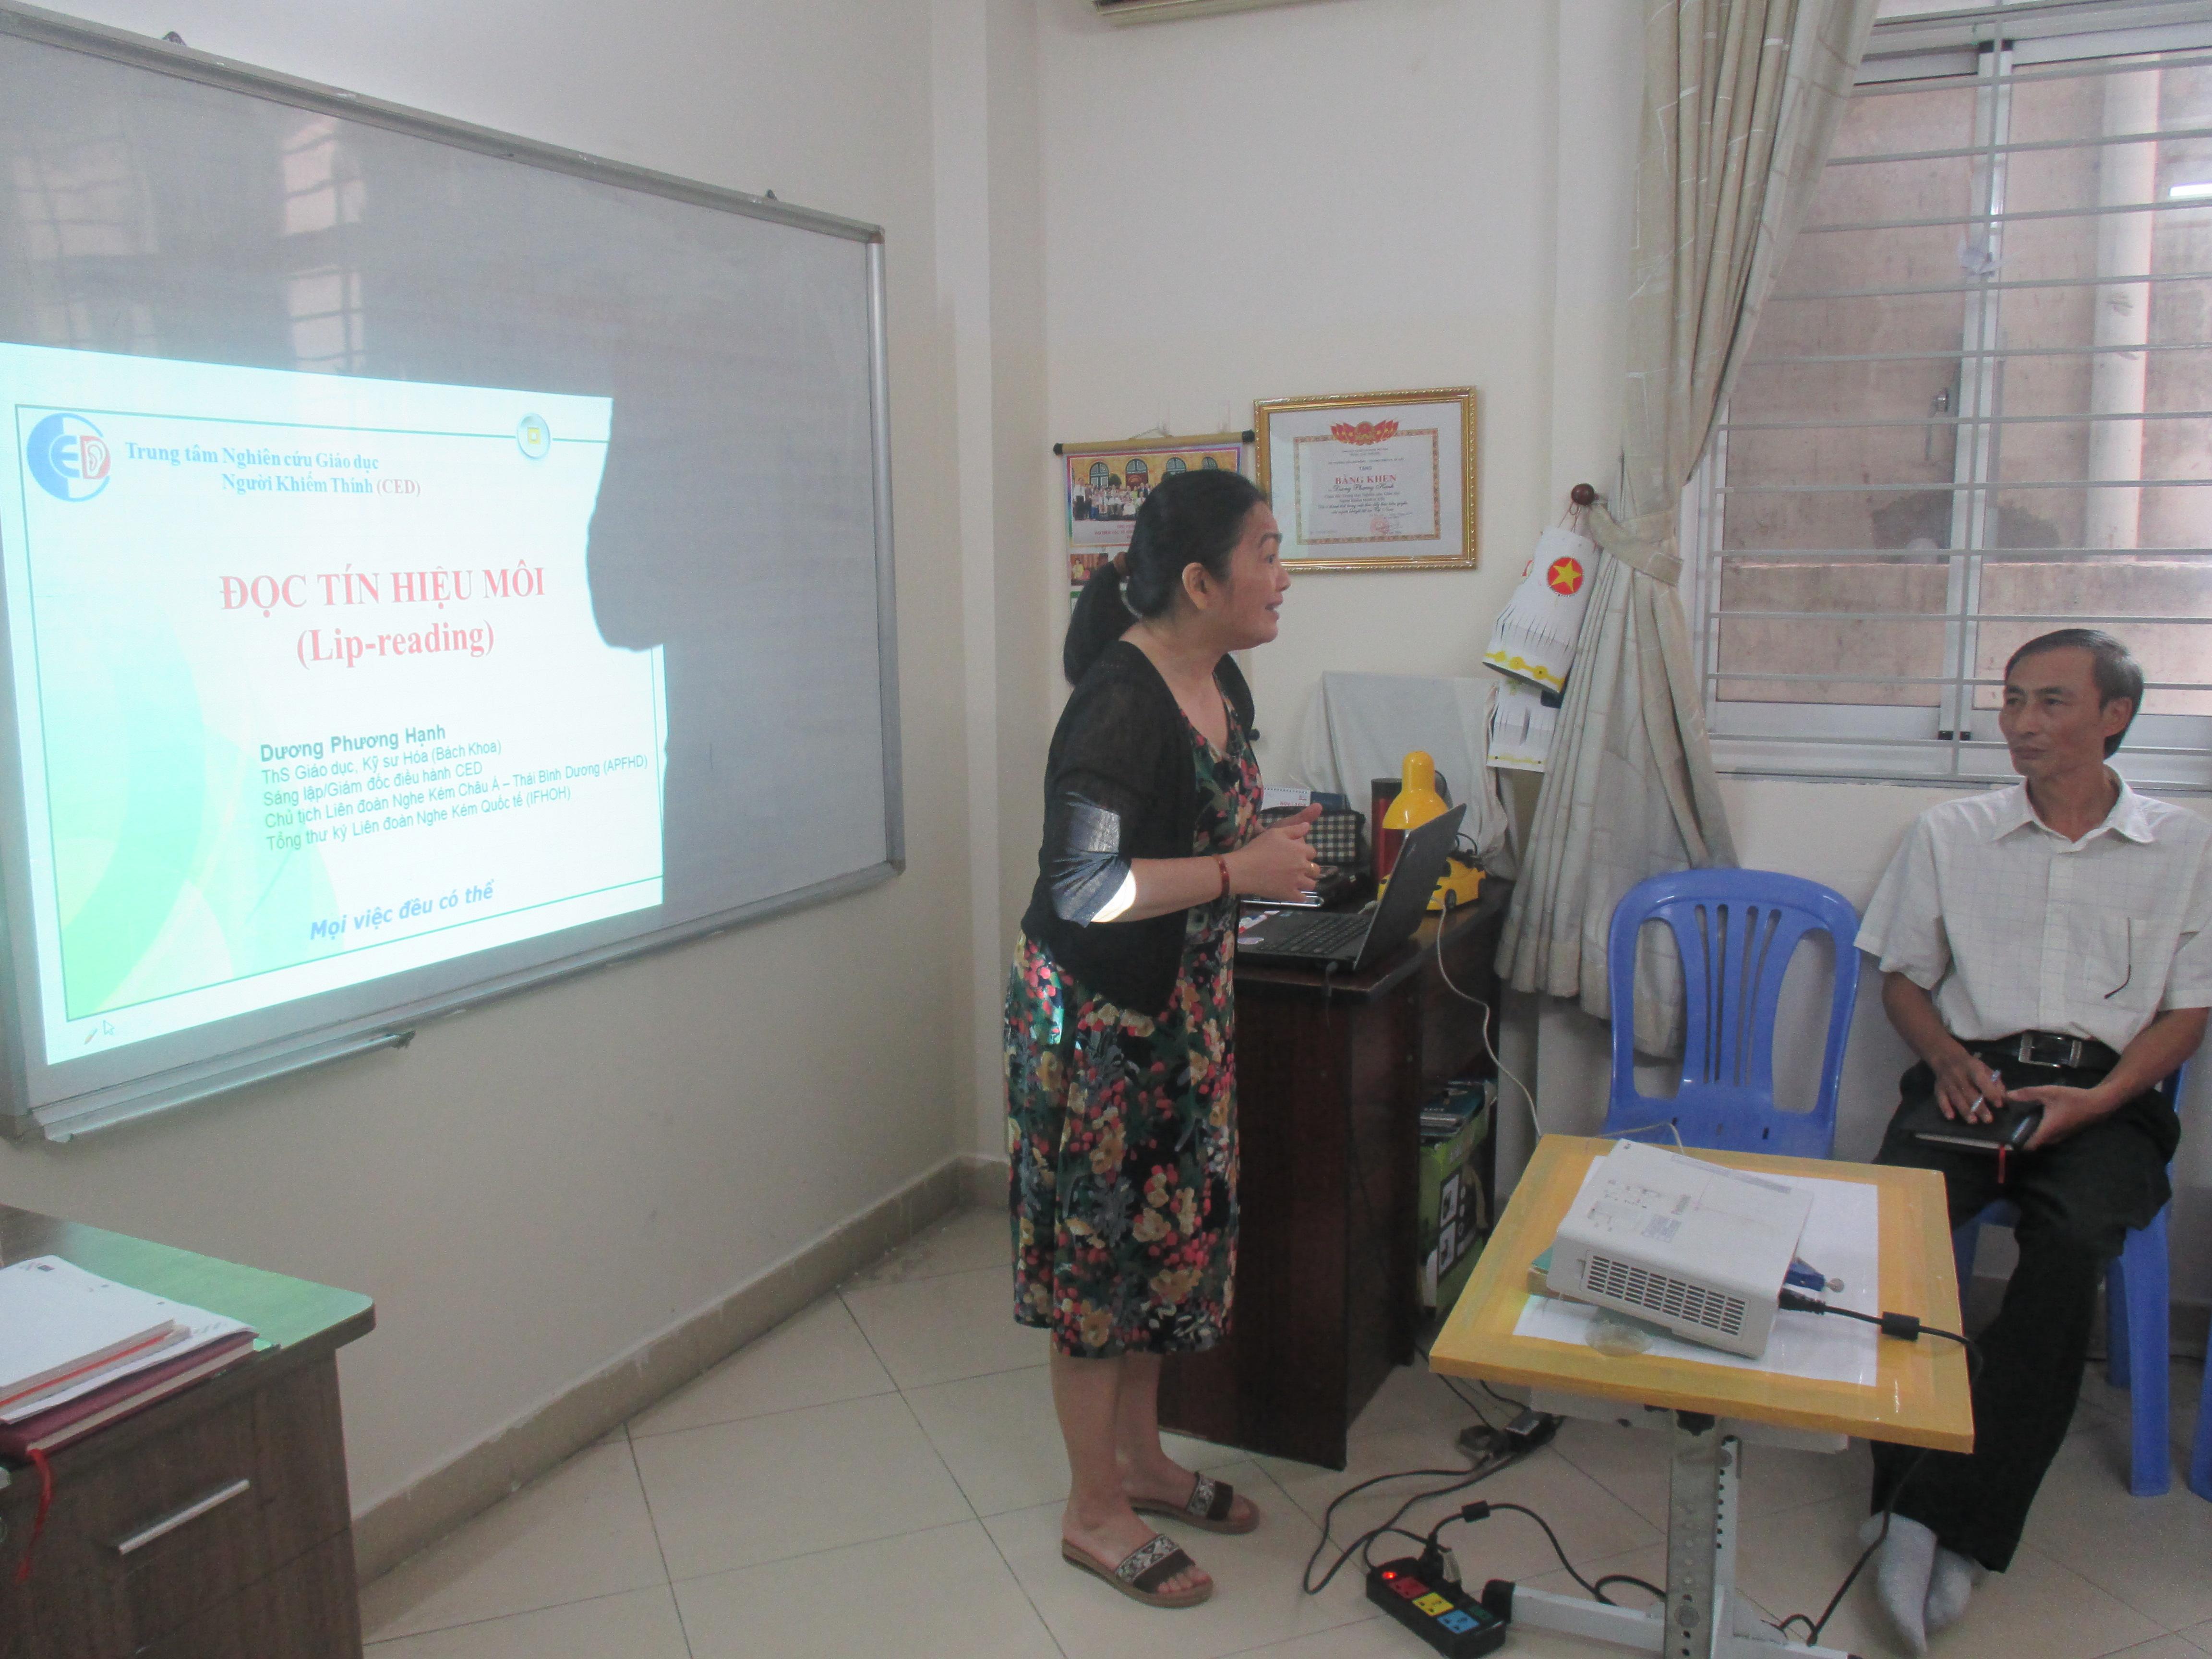 Thông báo khai giảng ngôn ngữ ký hiệu khóa 60